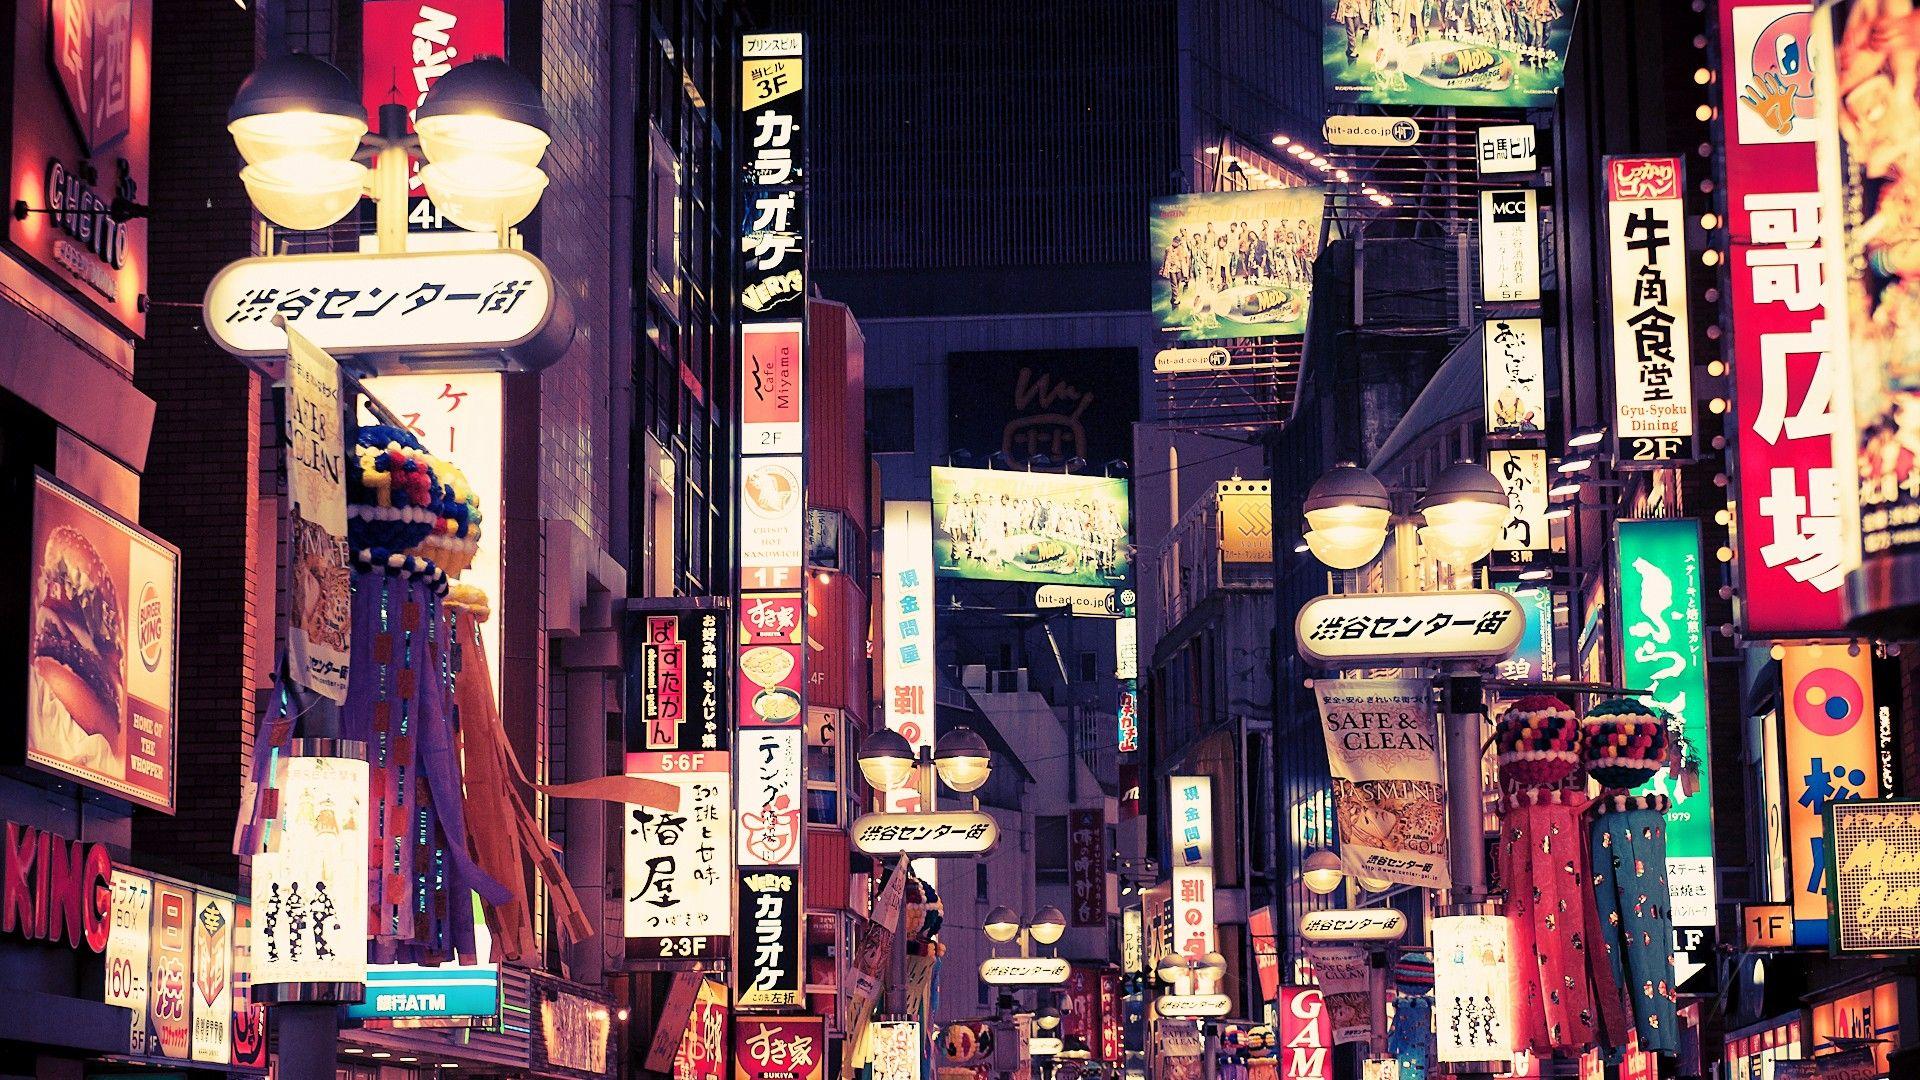 tokyo desktop wallpaper